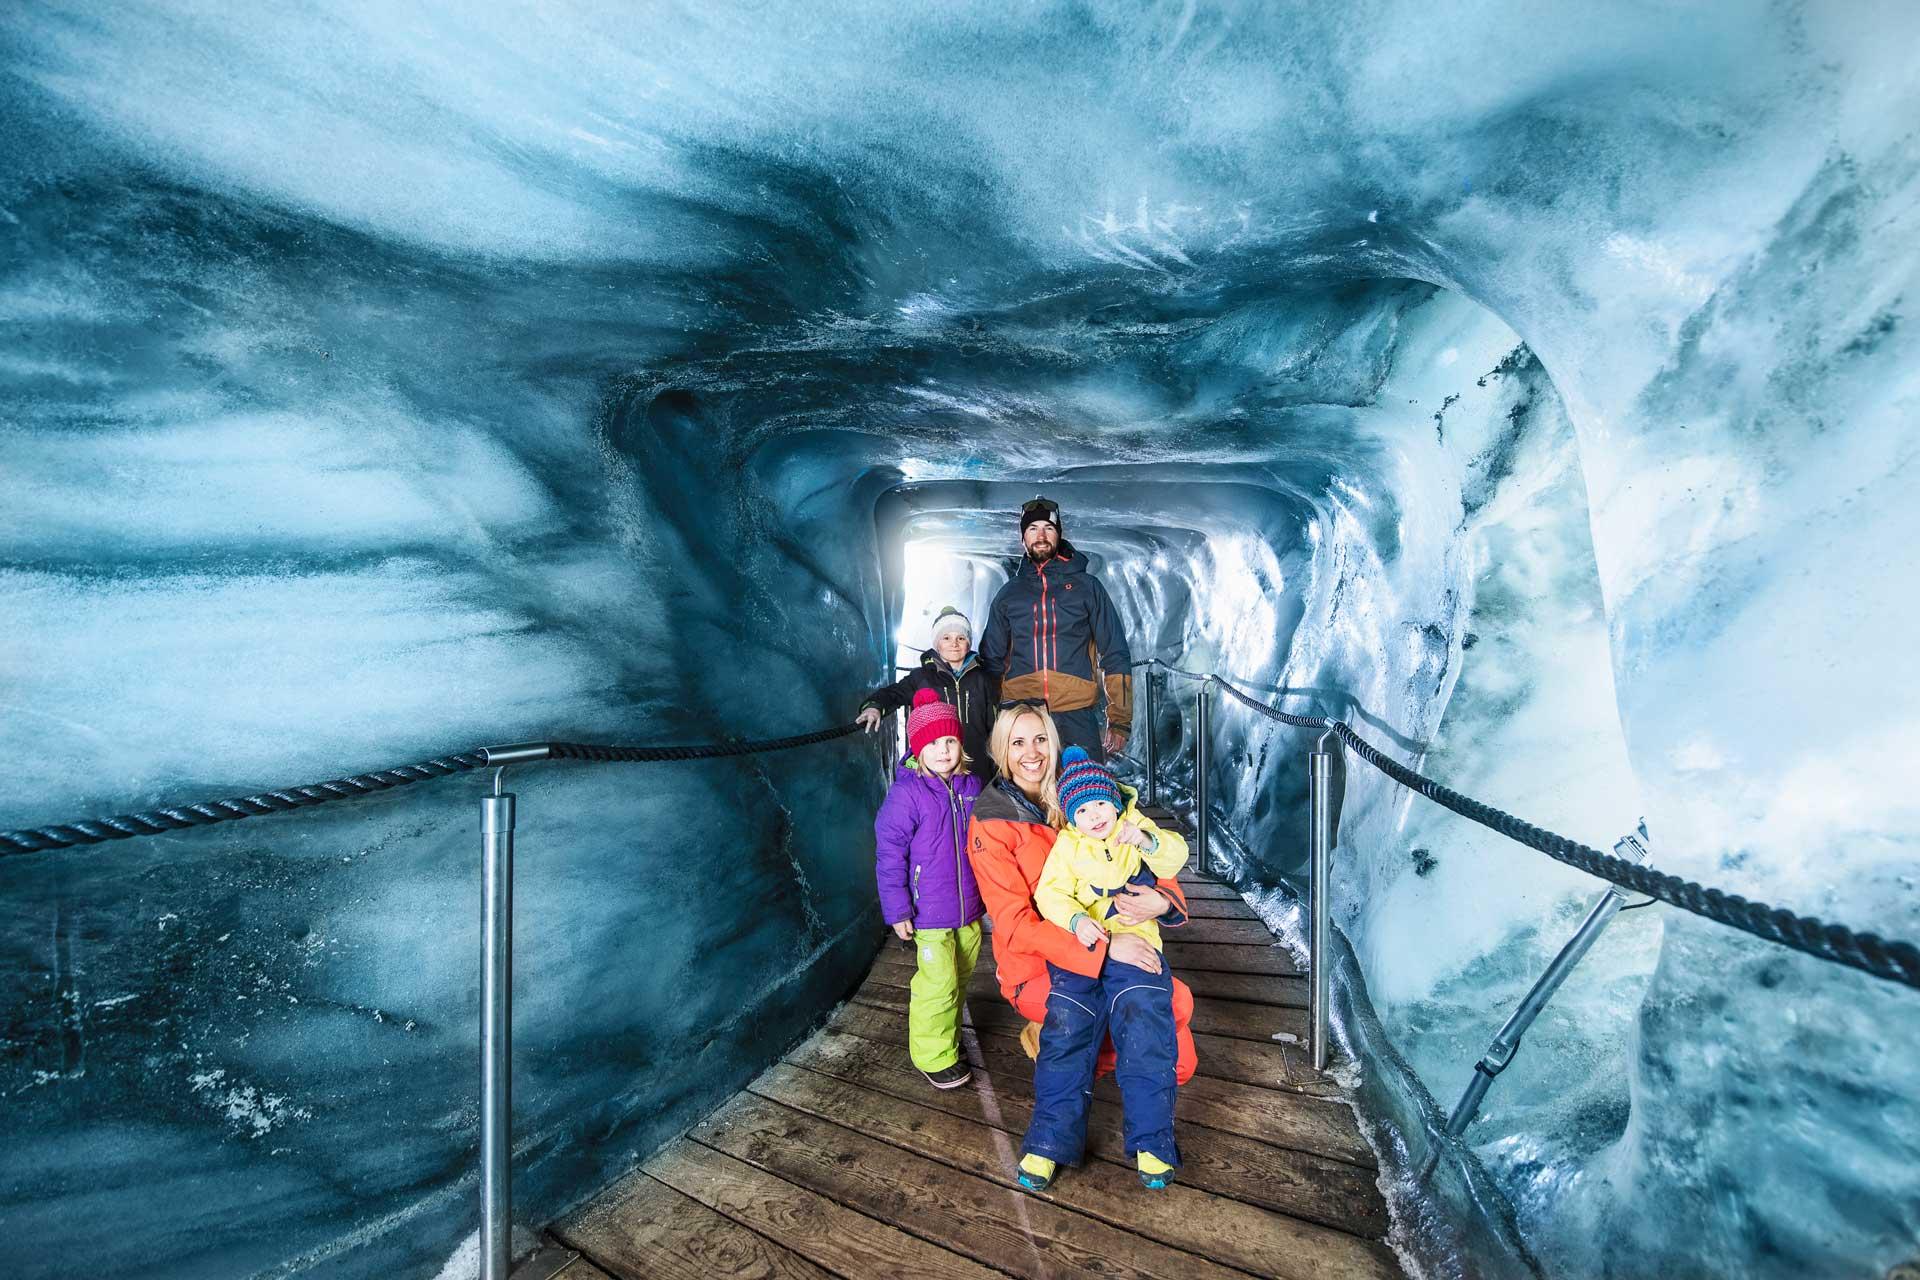 familienausflug - abenteuer - entdeckungsreise - eisgrotte am stubaier gletscher